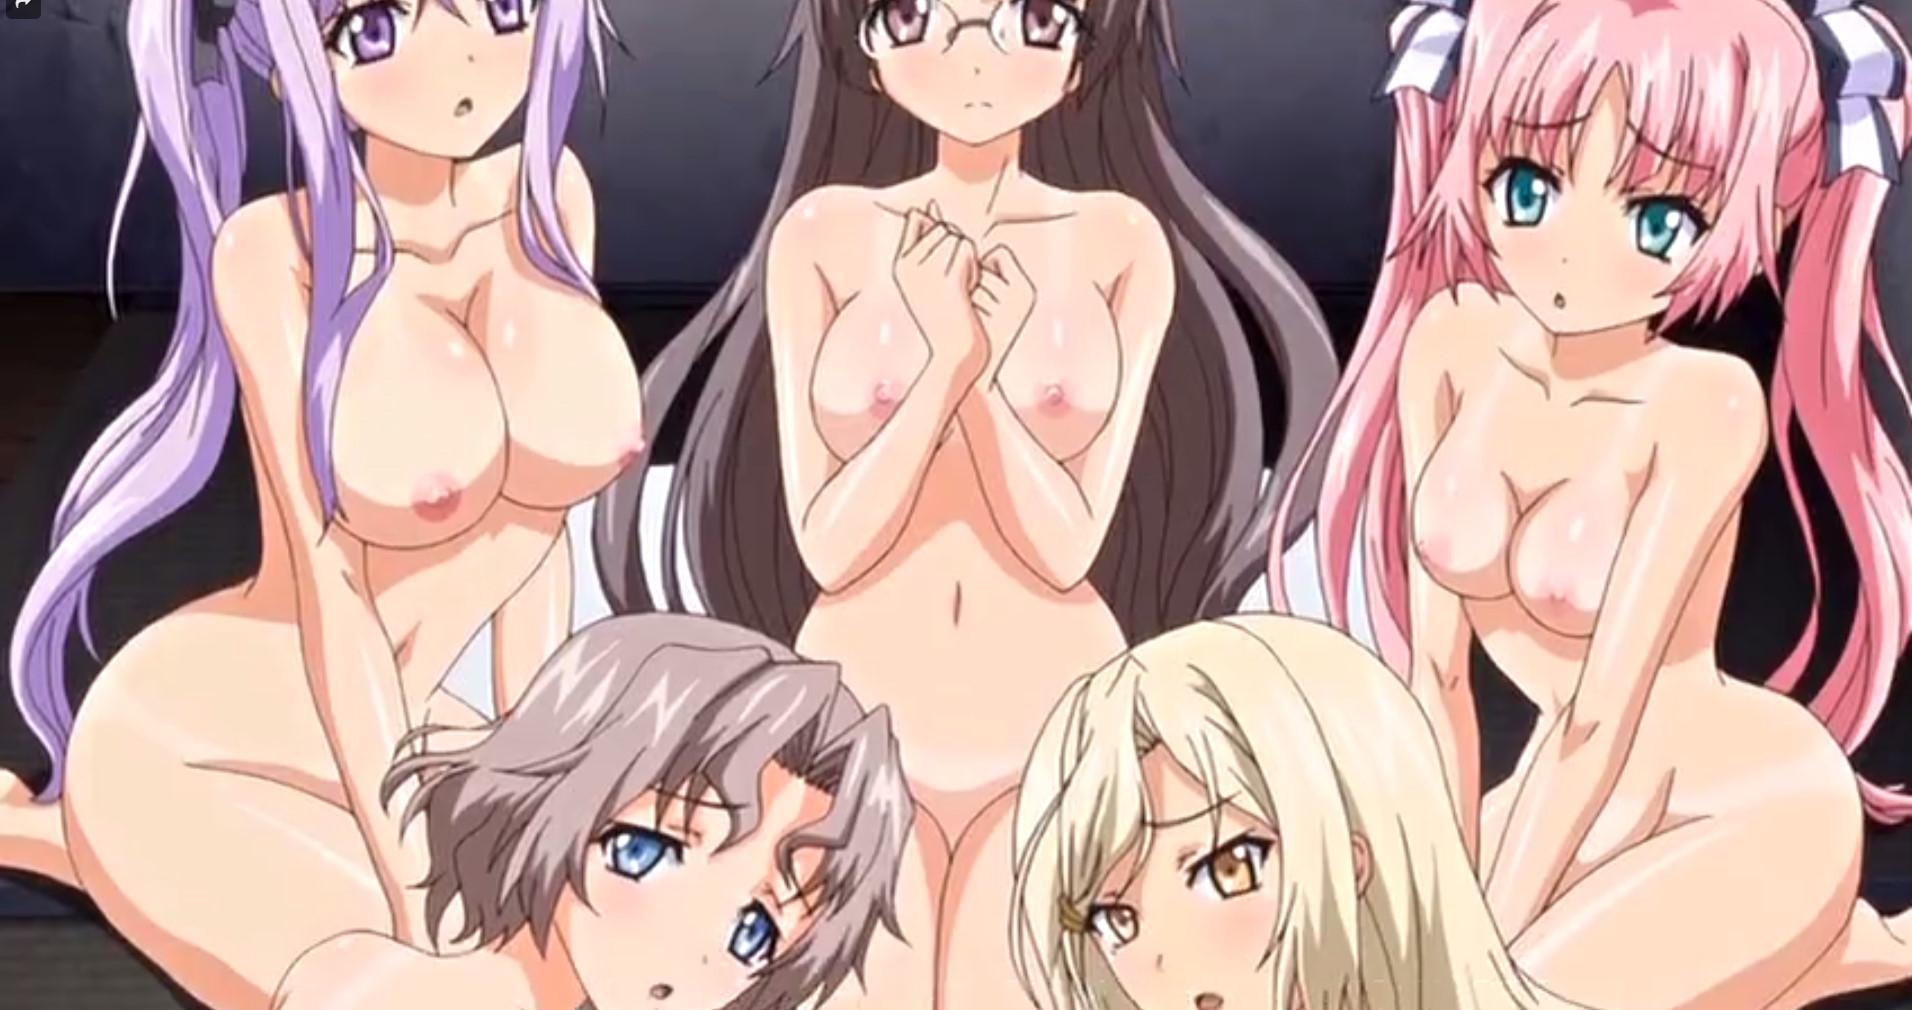 Tsugou no Yoi Sexfriend Ep 3